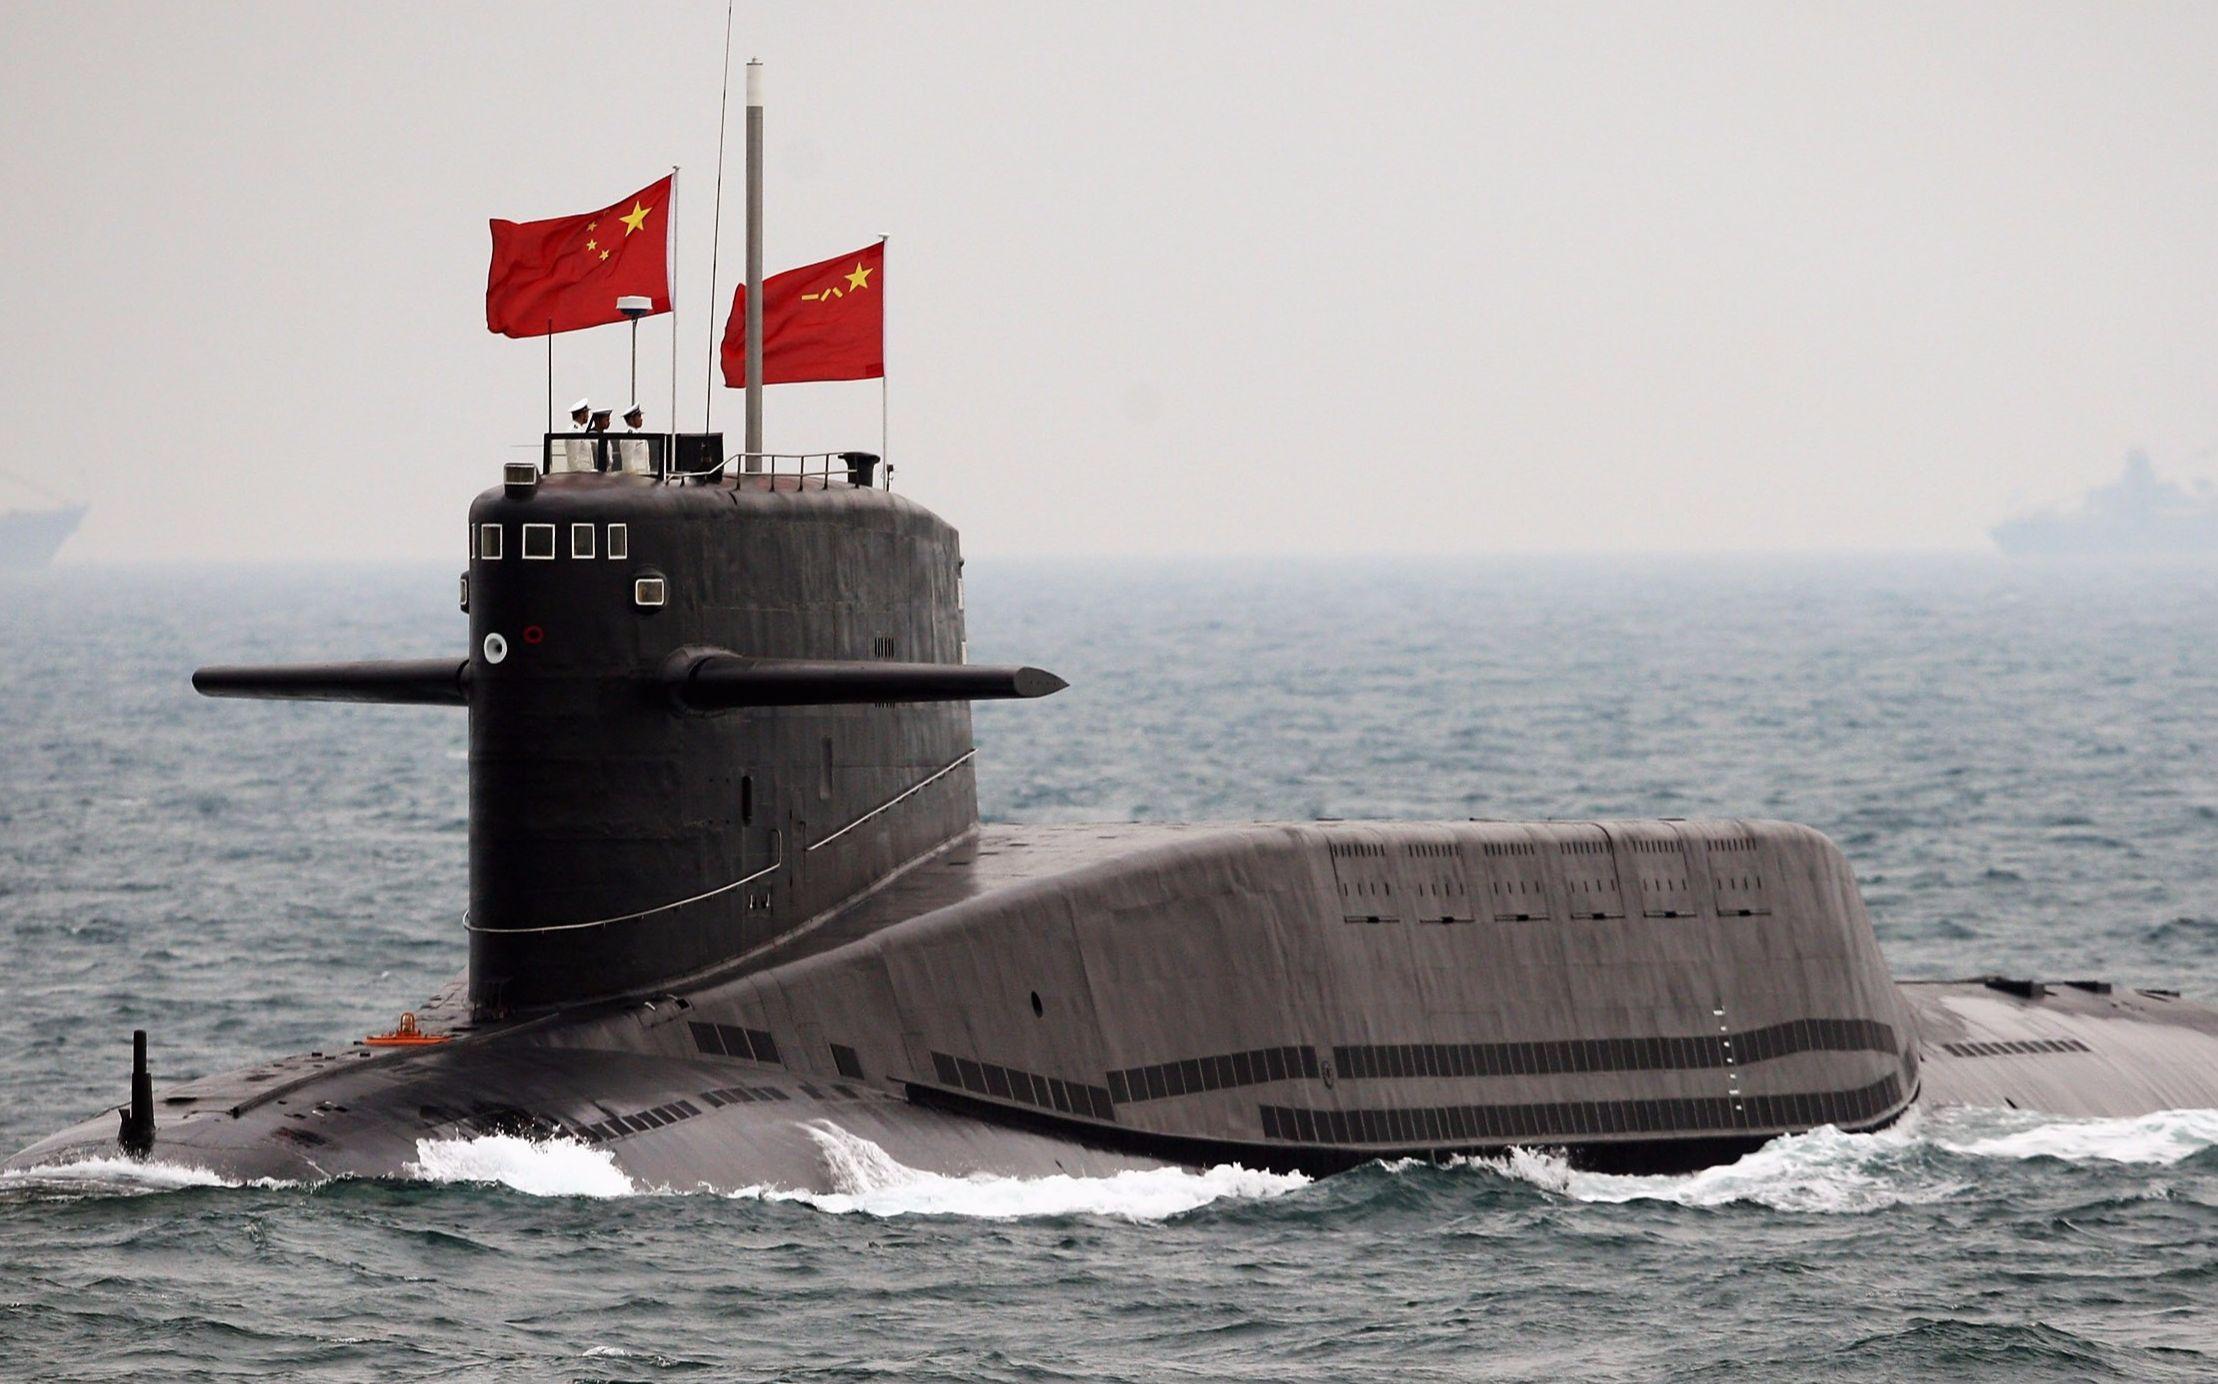 غواصة صينية مأهولة تكمل أول رحلة استكشافية في المحيط الهندي